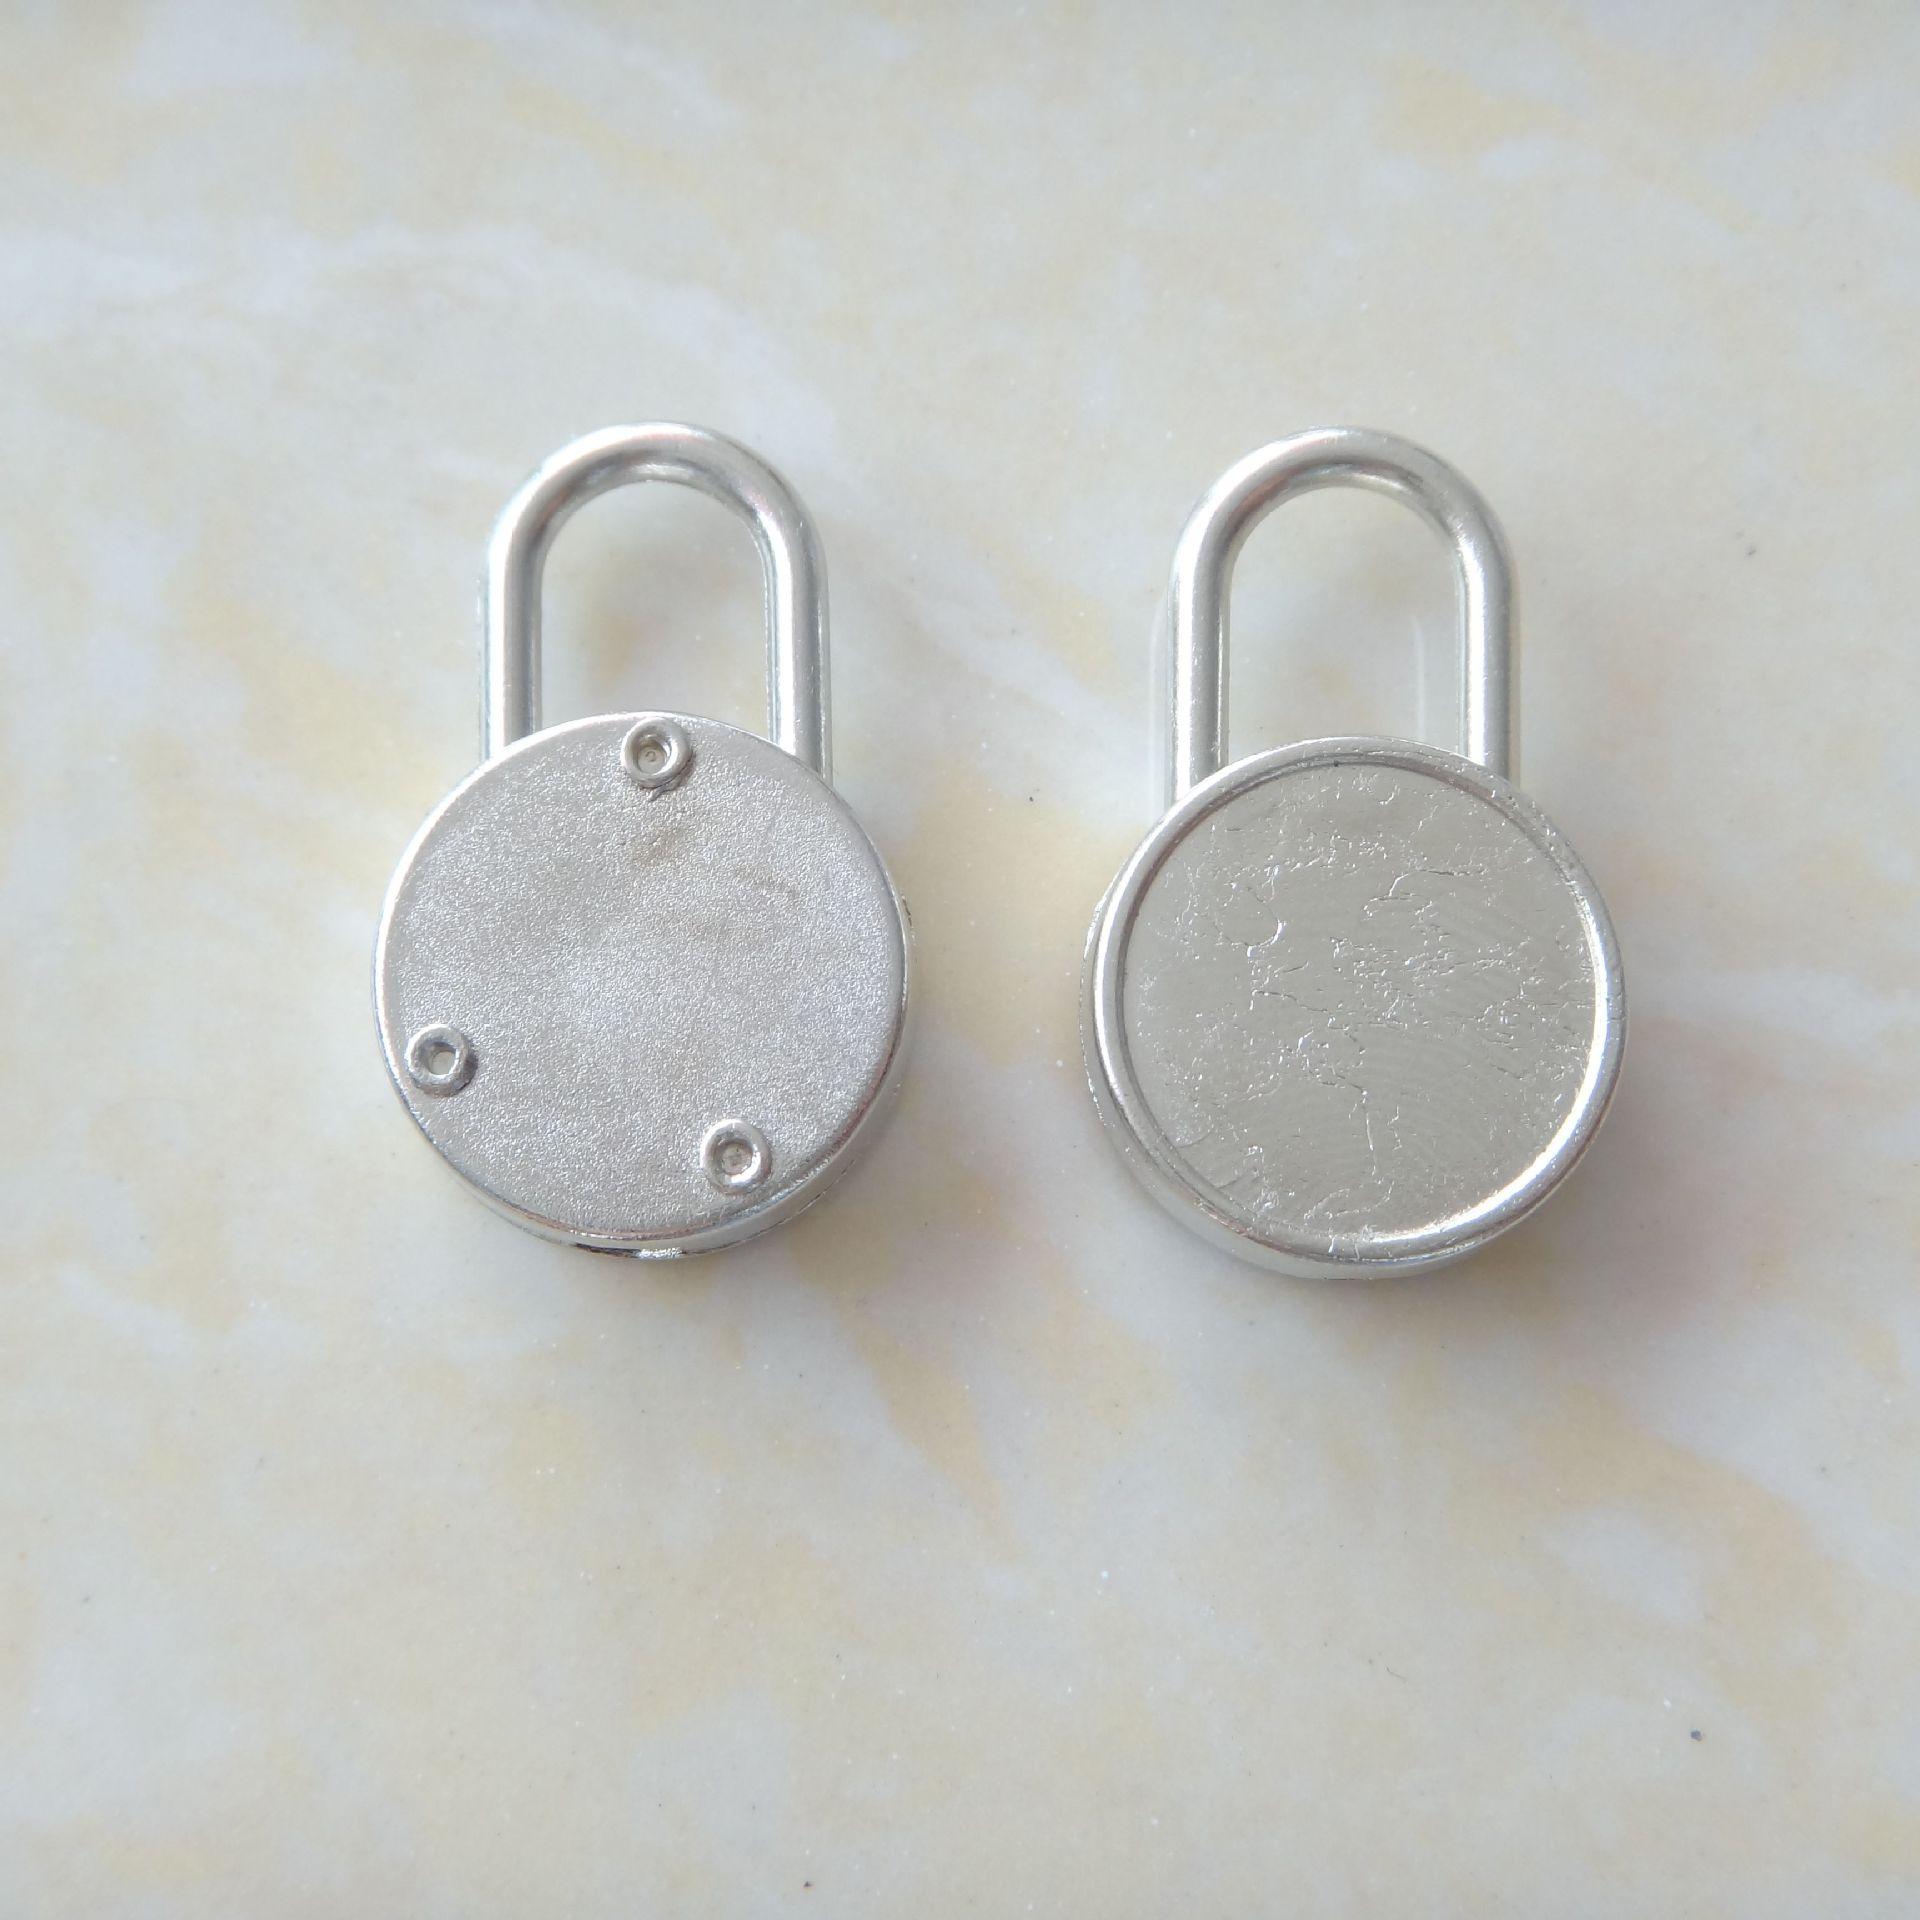 厂家供应日记本挂锁 文具锁 小挂锁 笔记本锁